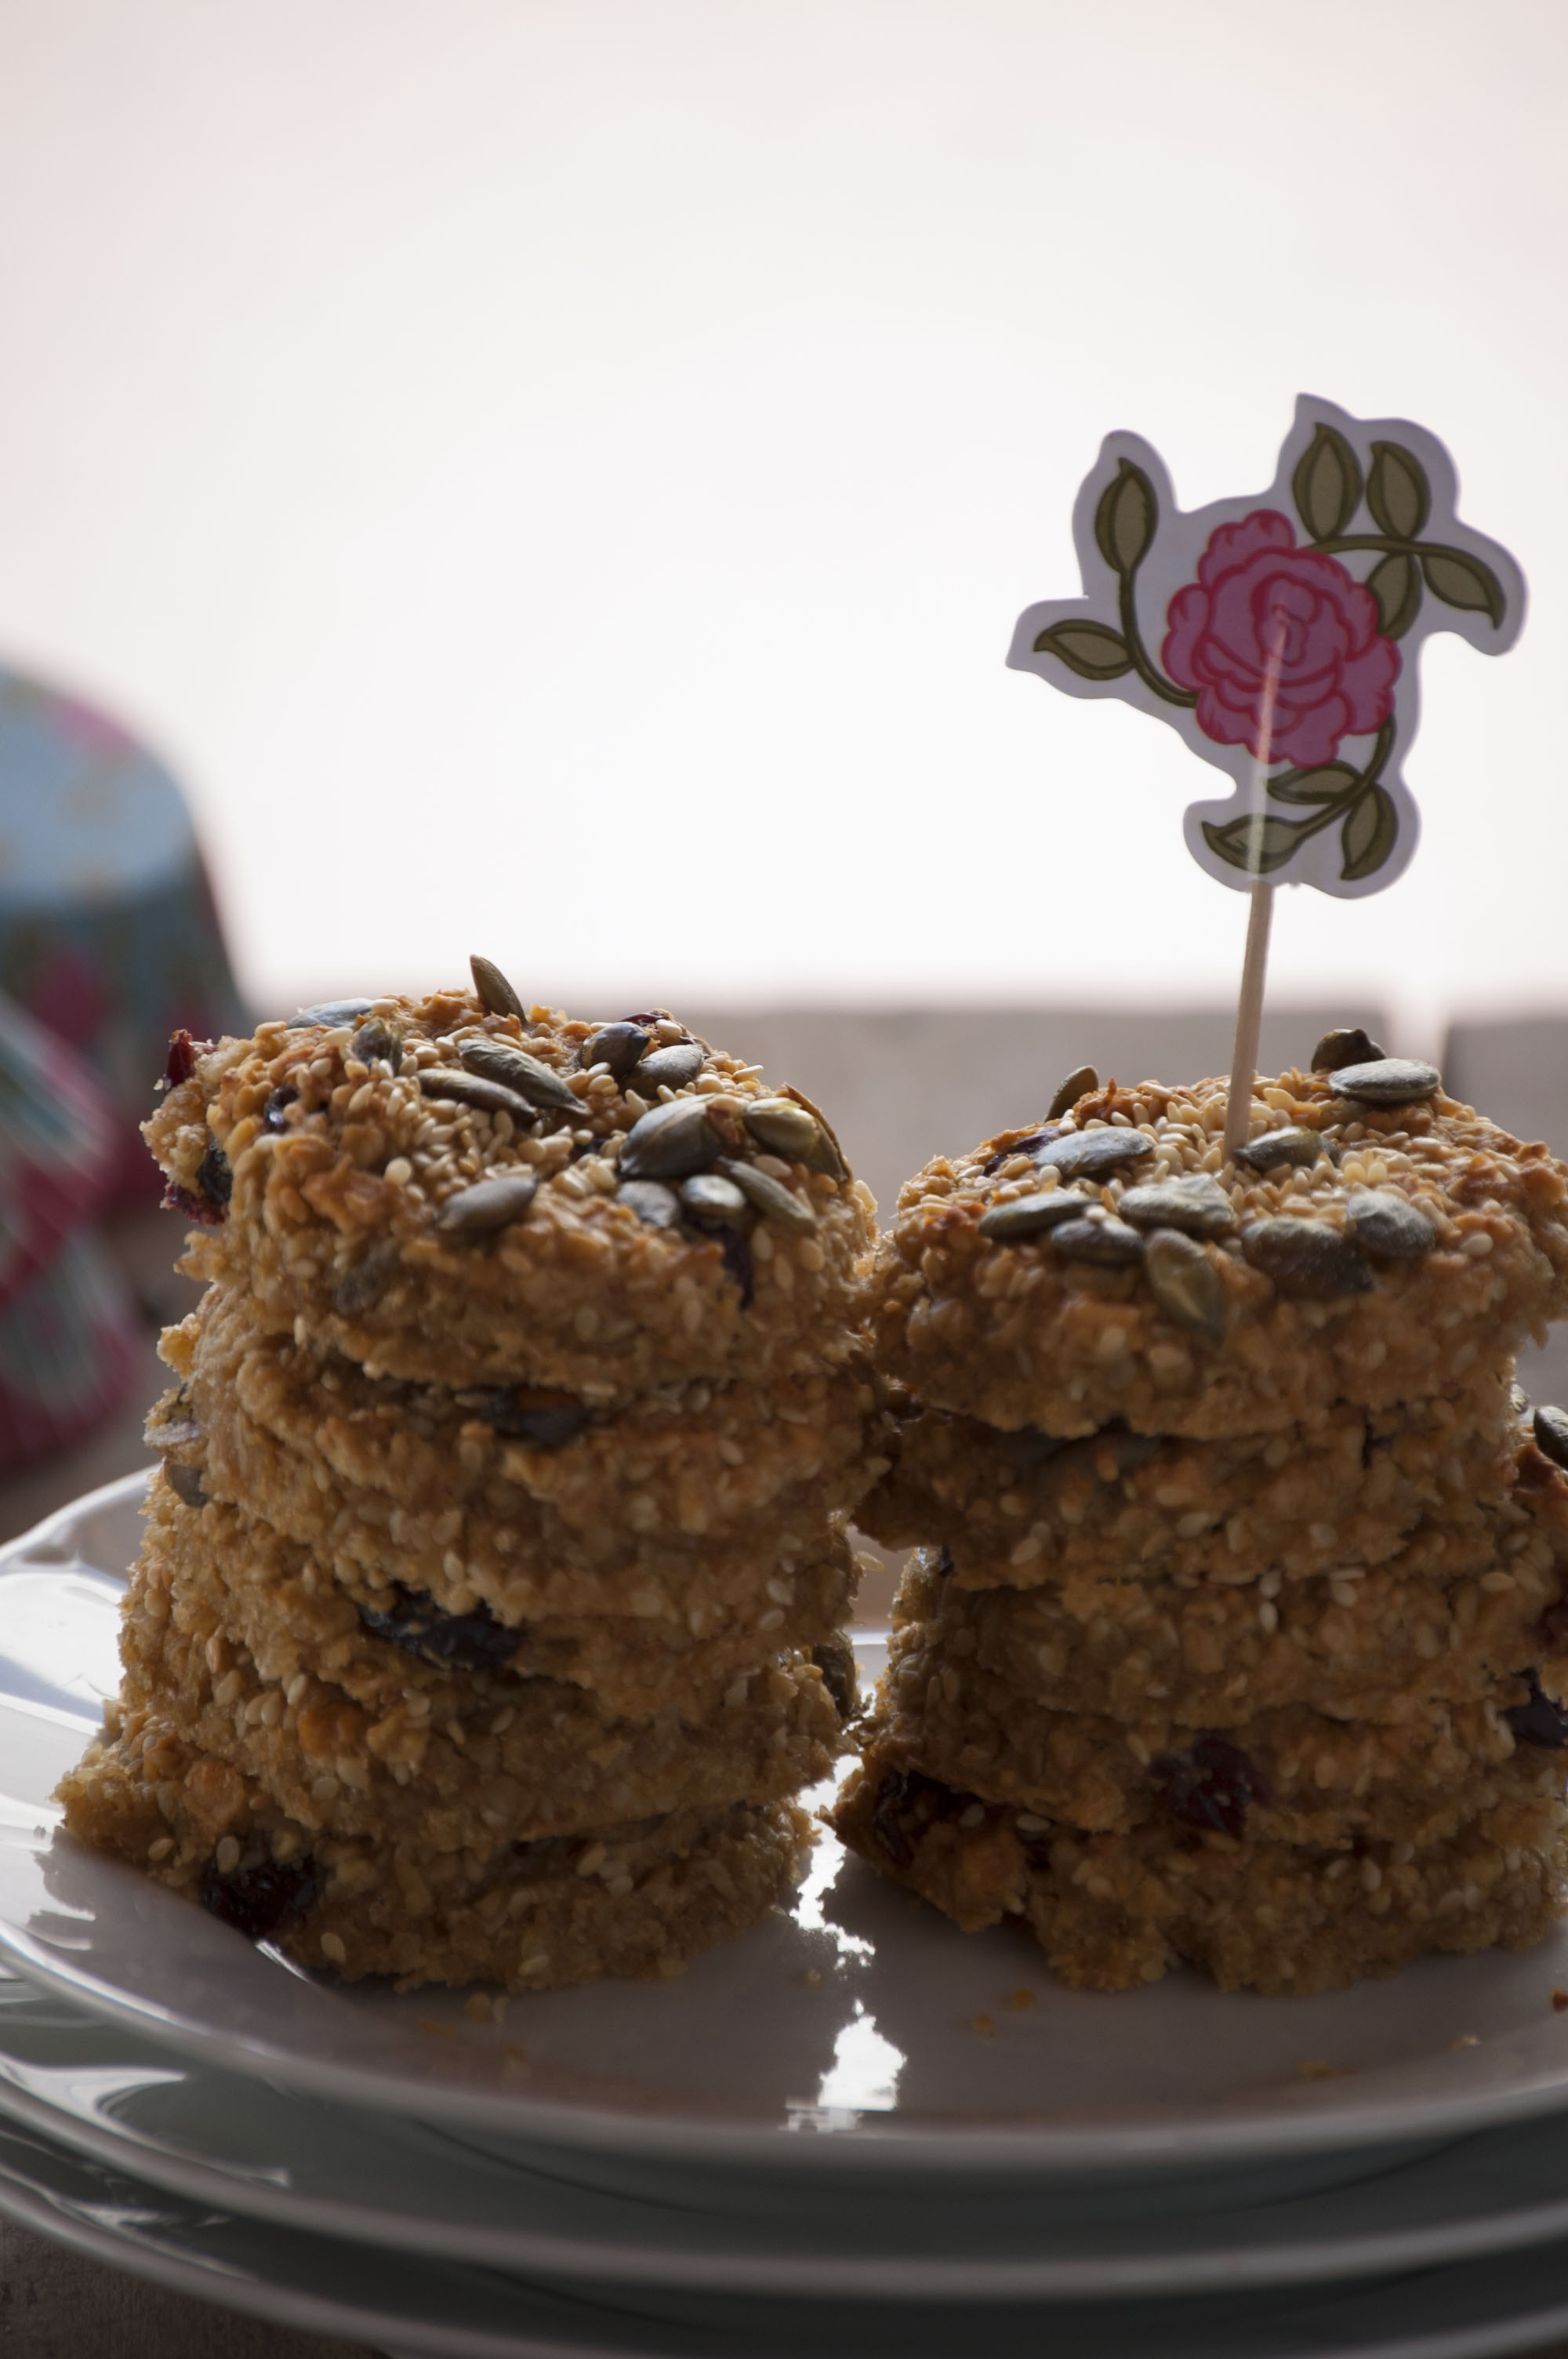 No se parecen en nada a unas galletas industriales, ni falta que les hace